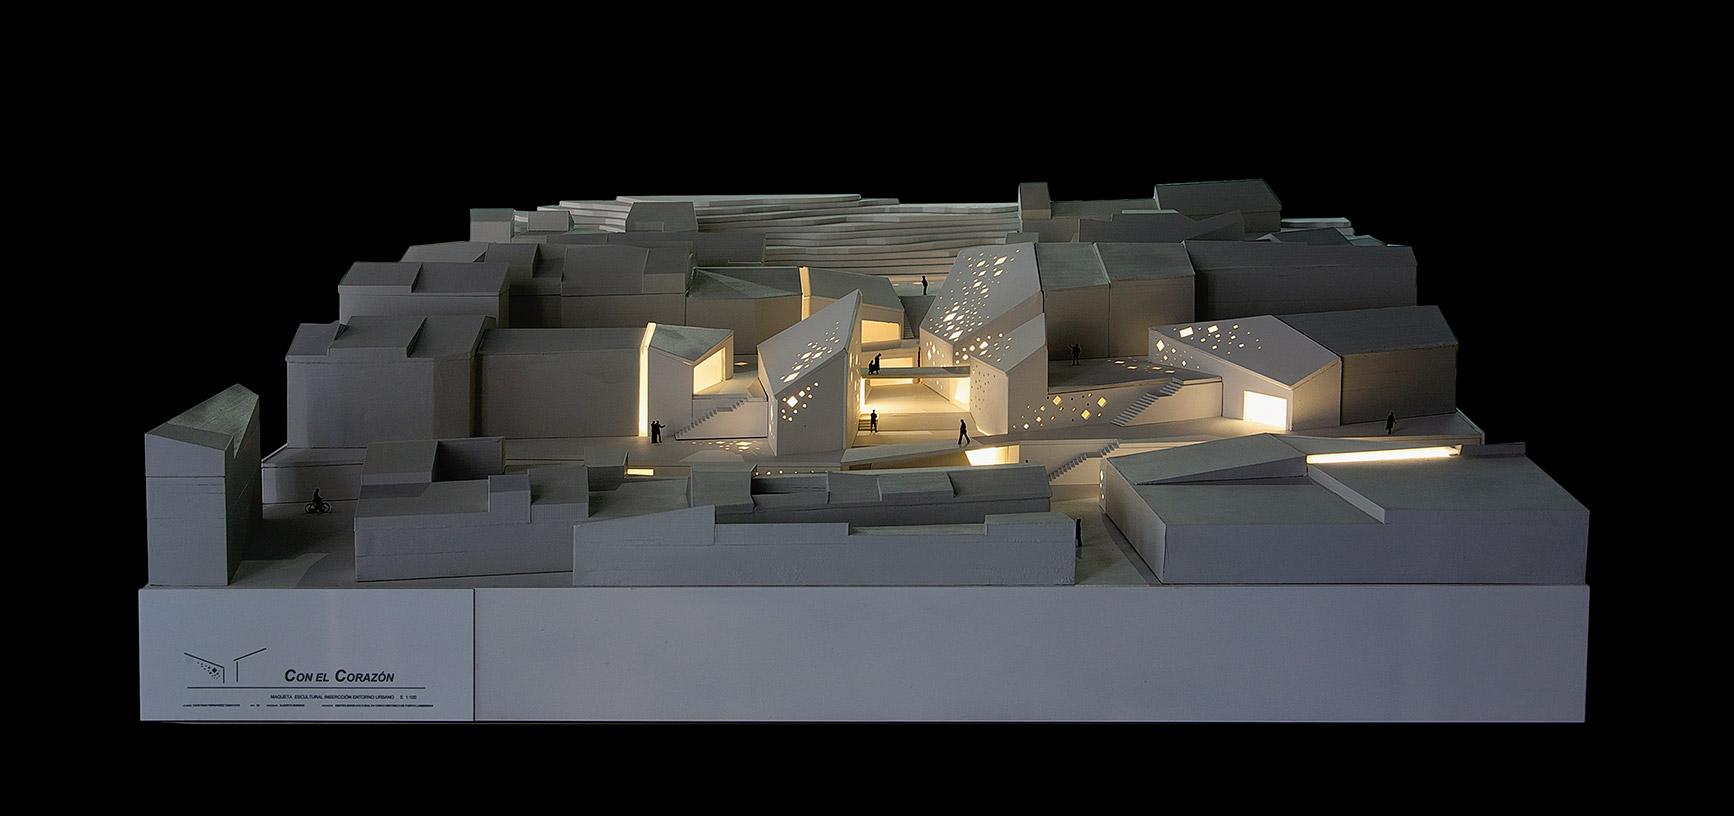 maqueta-arquitectura-valencia-pfc-tfg-UPV-con_el_corazon-arquiayuda (3)